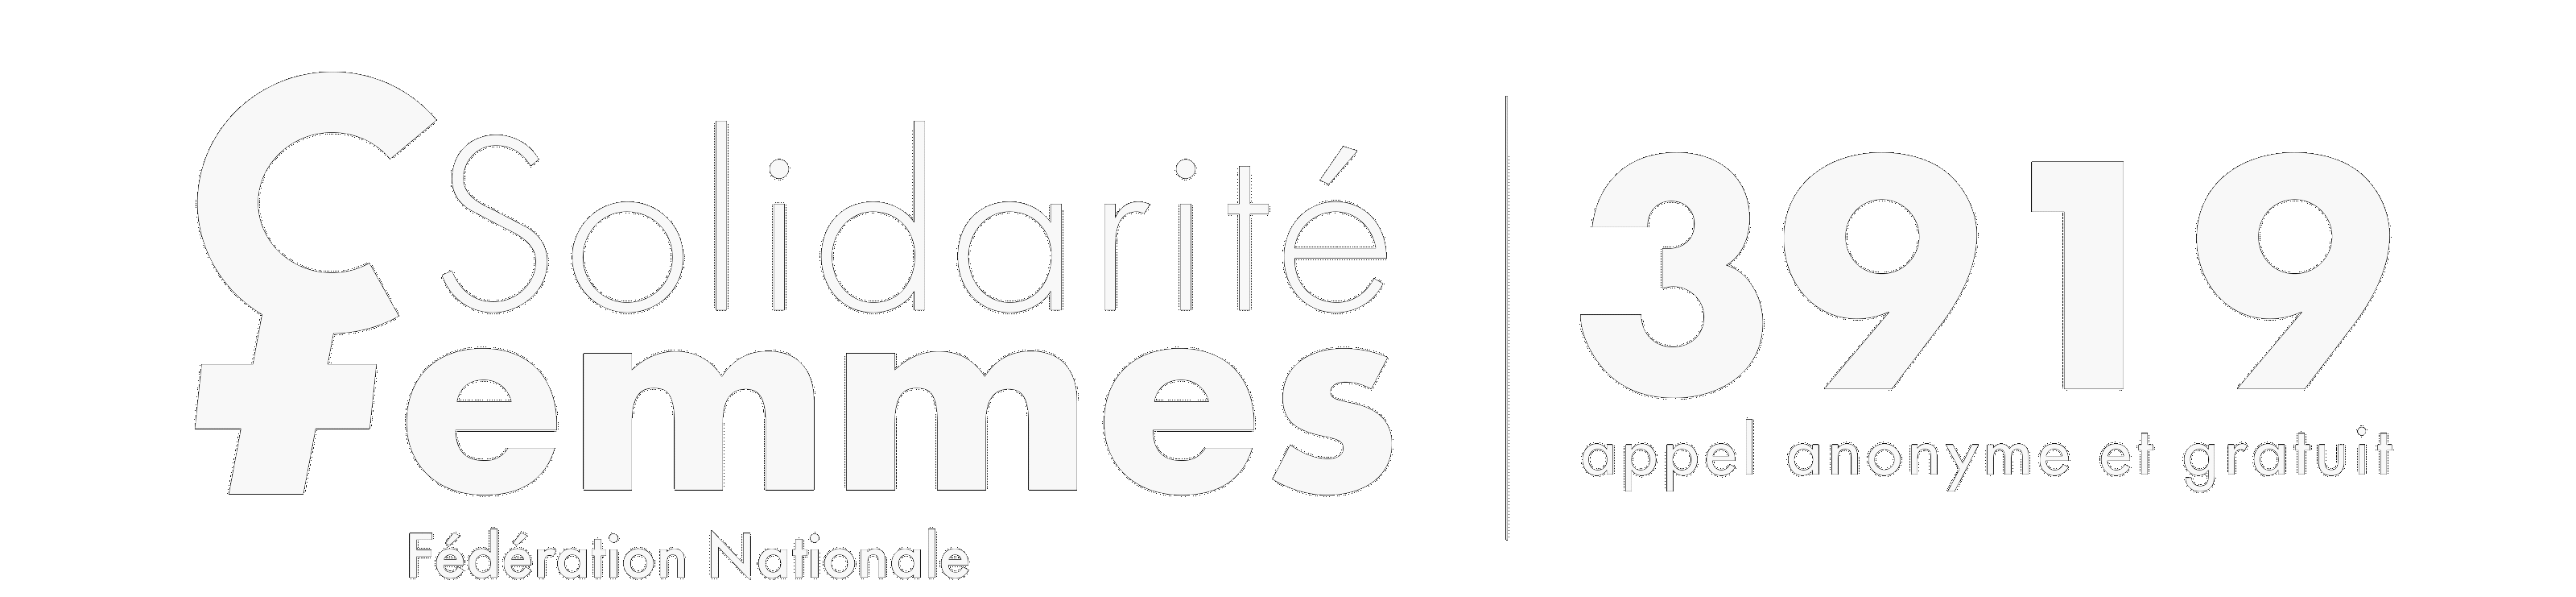 Fédération Nationale Solidarité Femmes